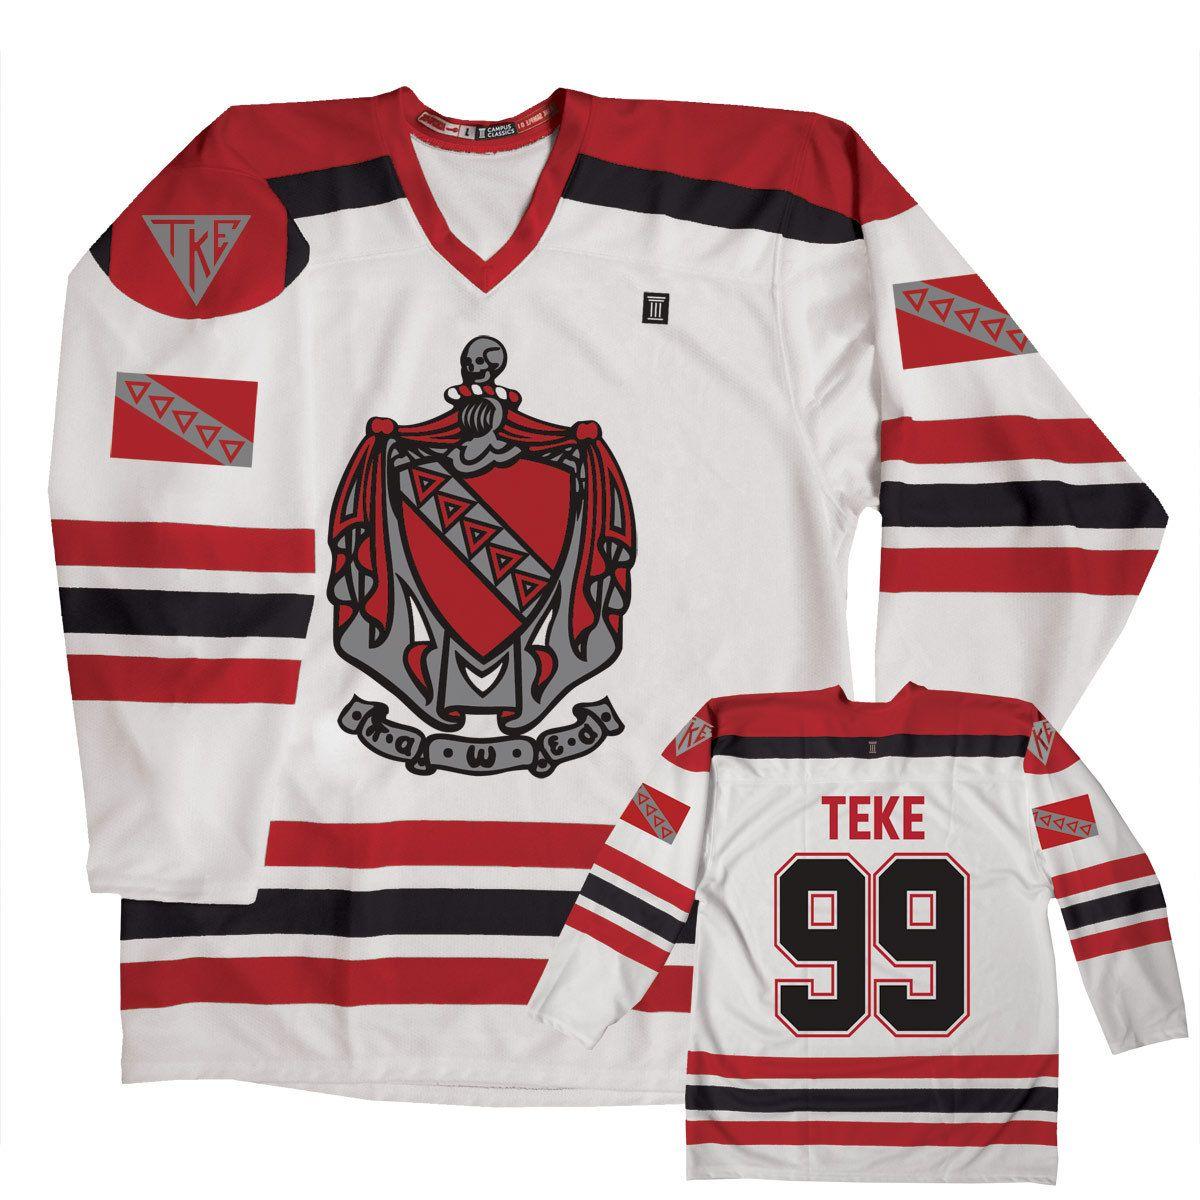 Teke Hockey Jersey  58a5e9eaea4